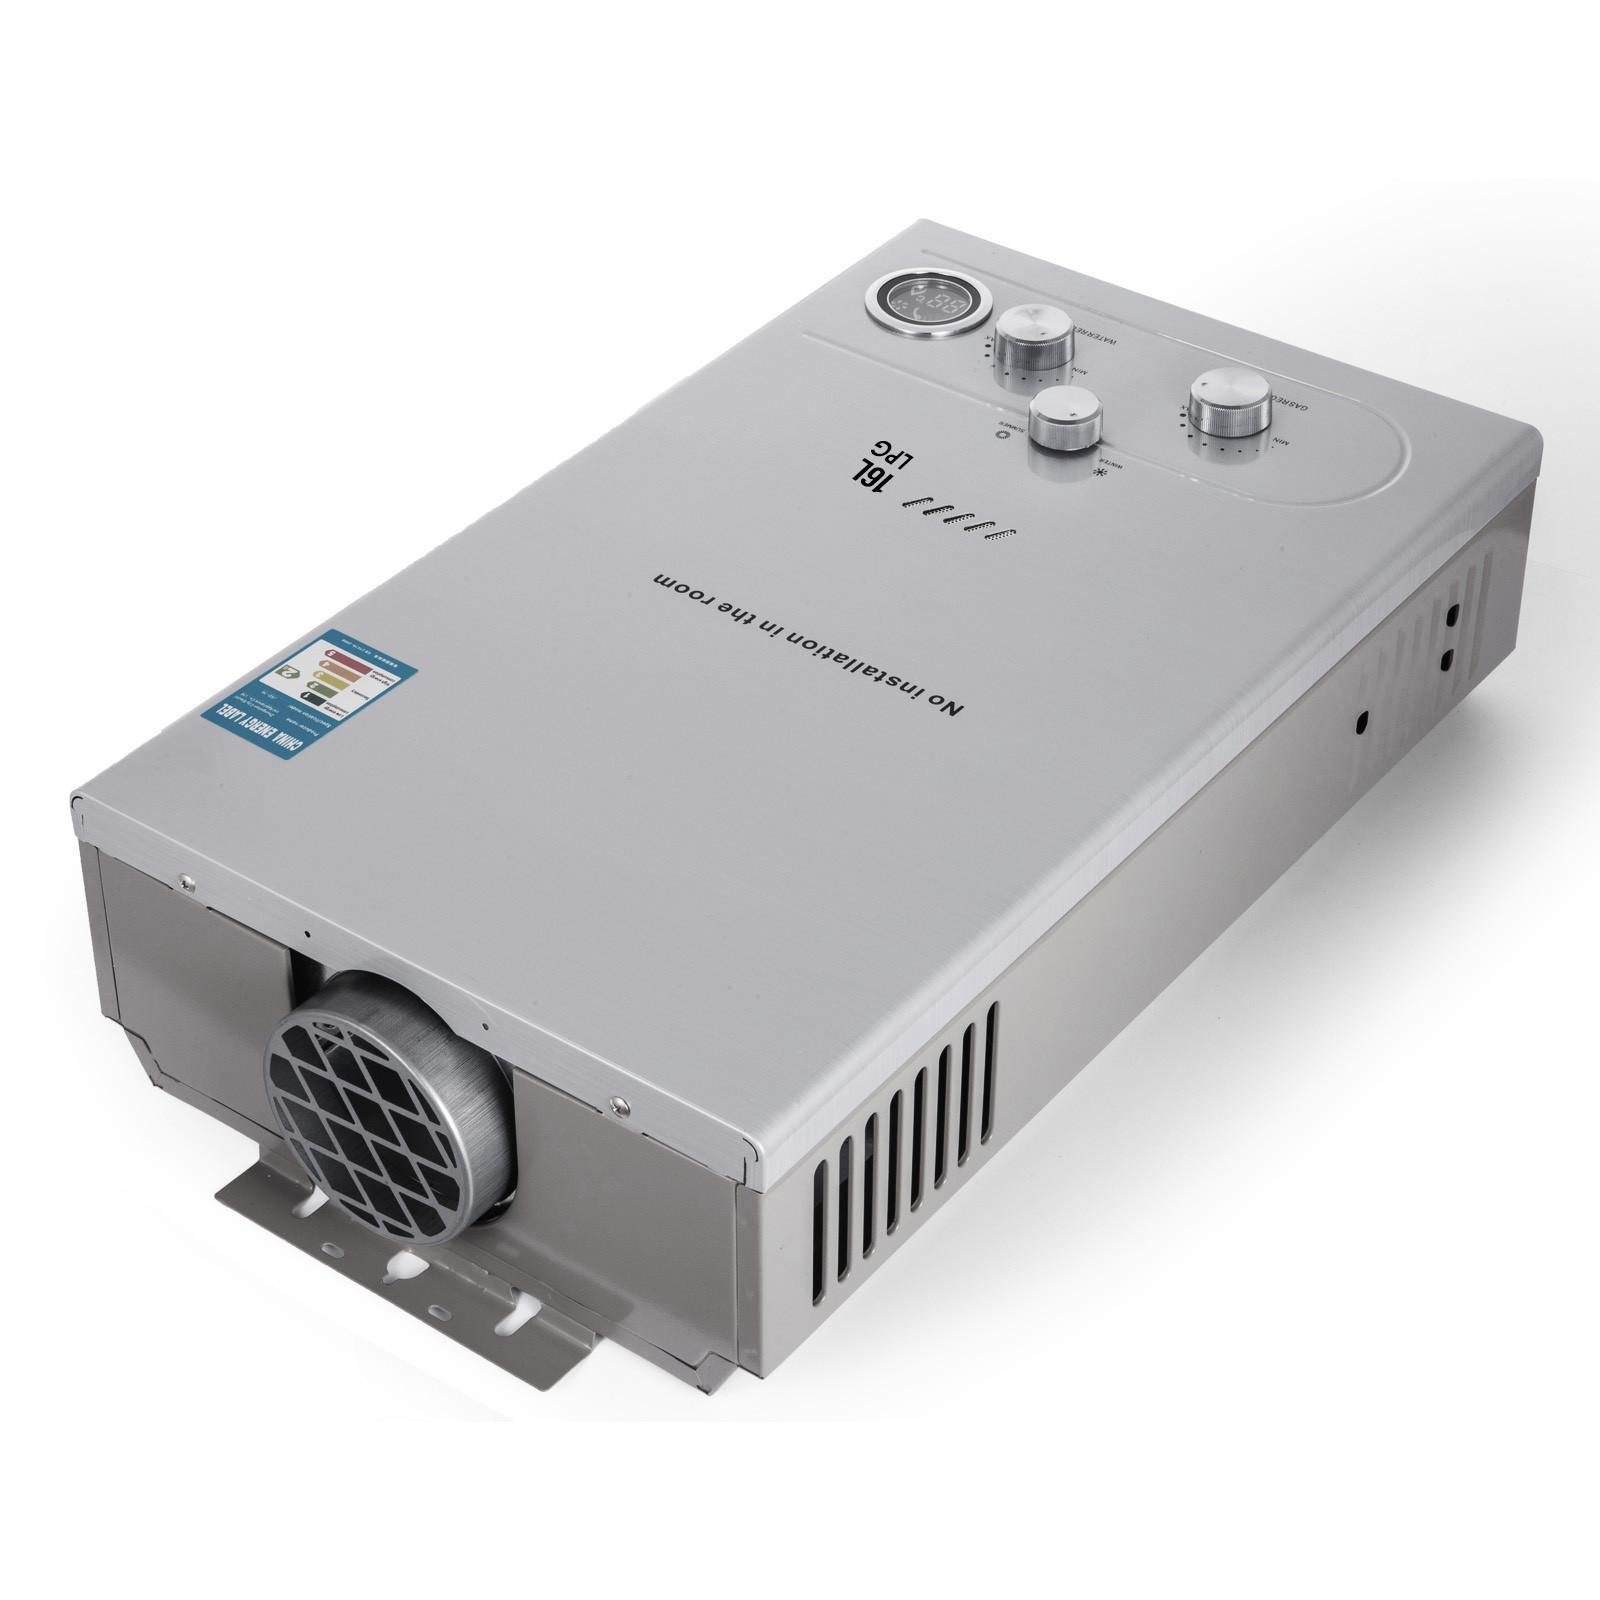 Propangas-Gas-Durchlauferhitzer-Warmwasserbereiter-Boiler-Warmwasserspeicher Indexbild 77